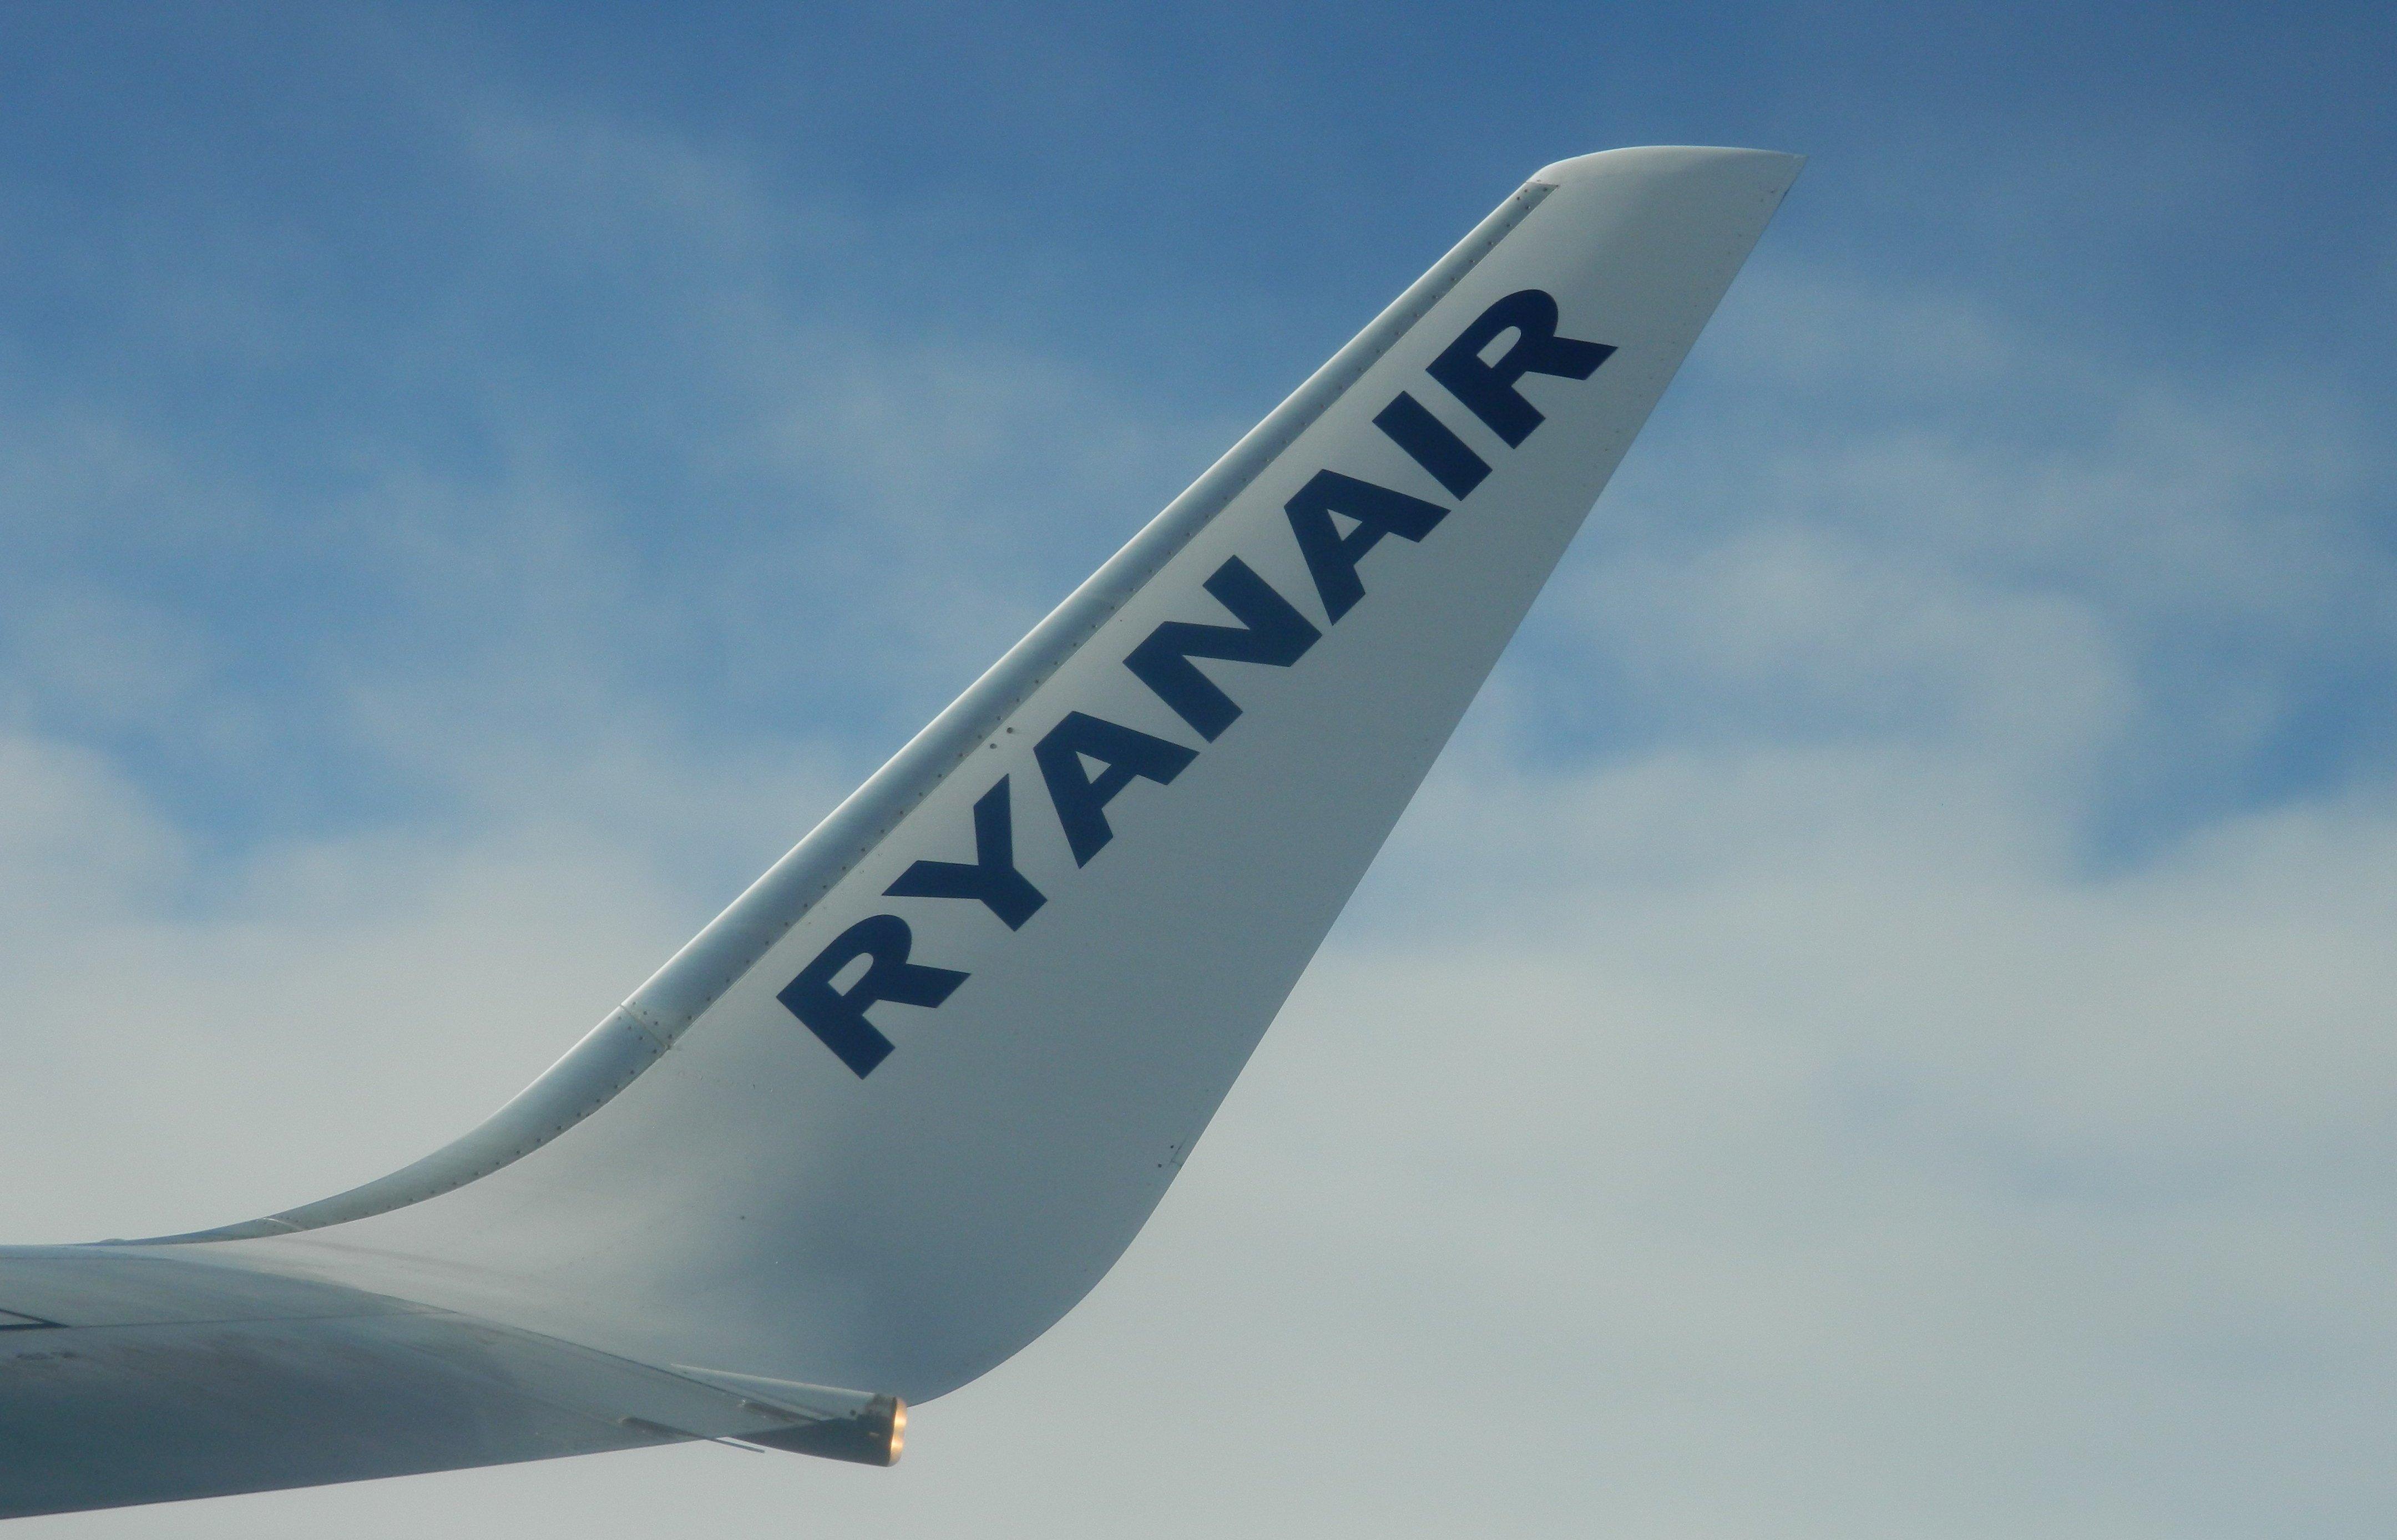 Ryanair. Foto: Christian Maskos, Medienfotograf